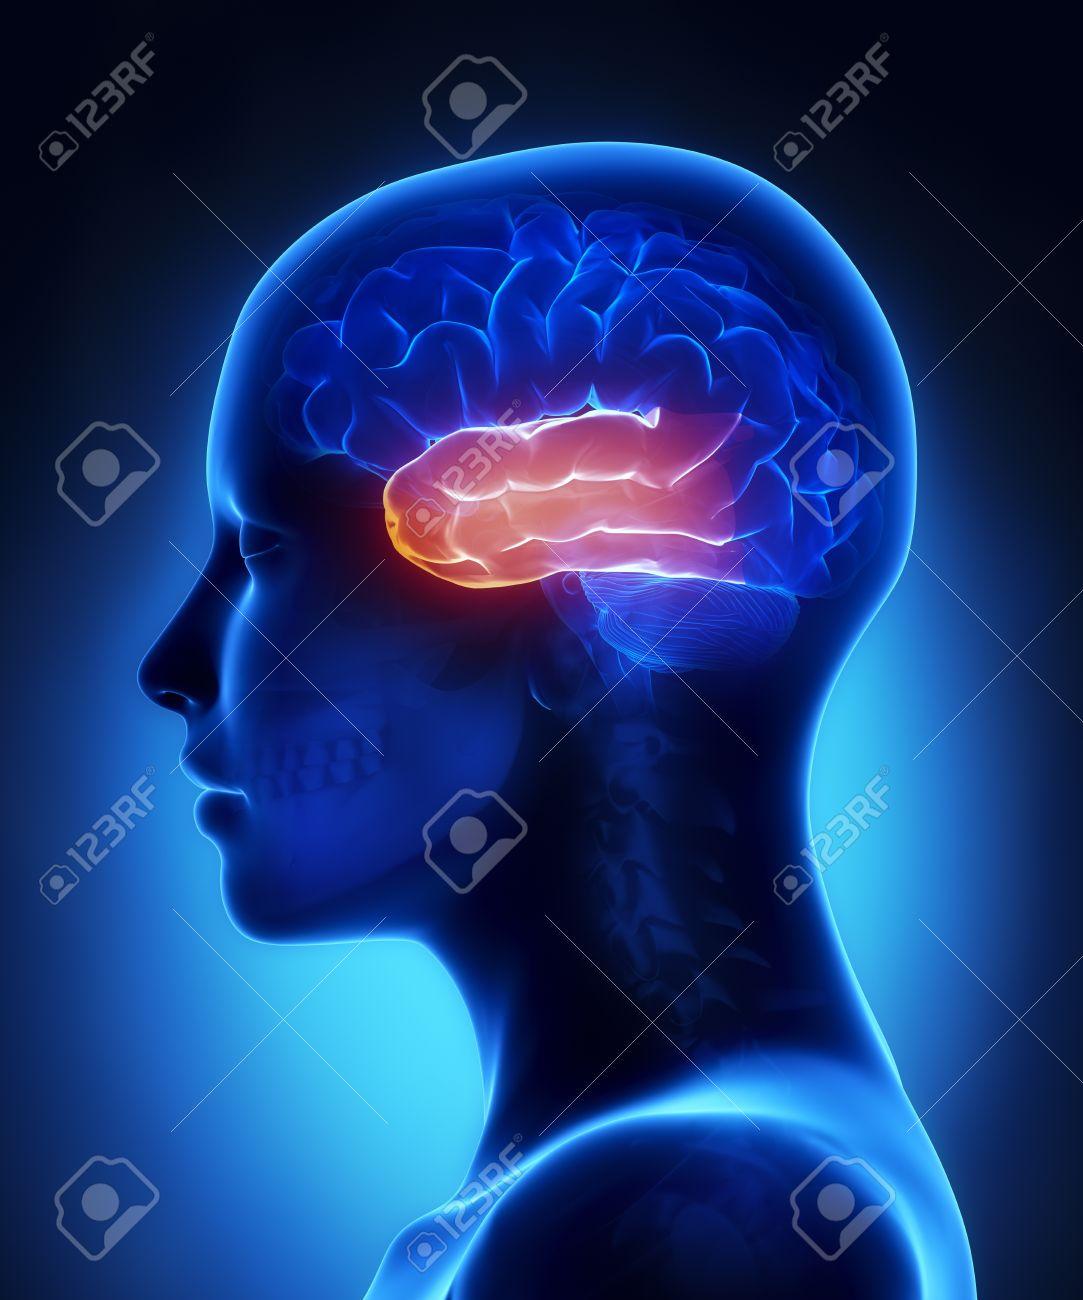 Schläfenlappen - Weibliche Anatomie Des Gehirns Seitenansicht ...